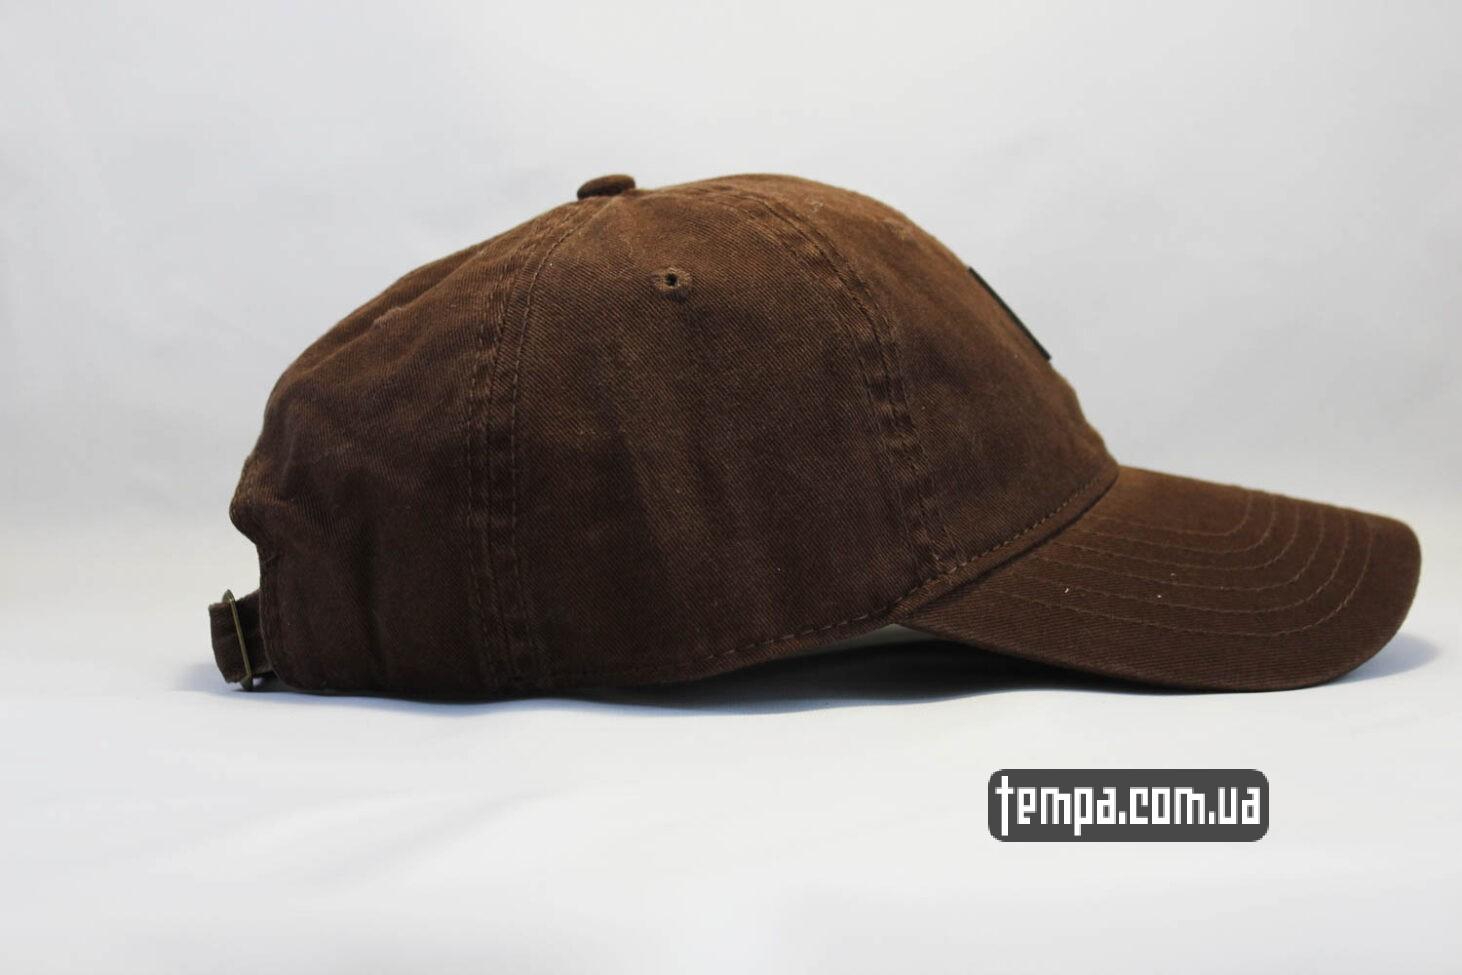 кепка бейсболка коричневая бейсболка Carhartt купить Украина